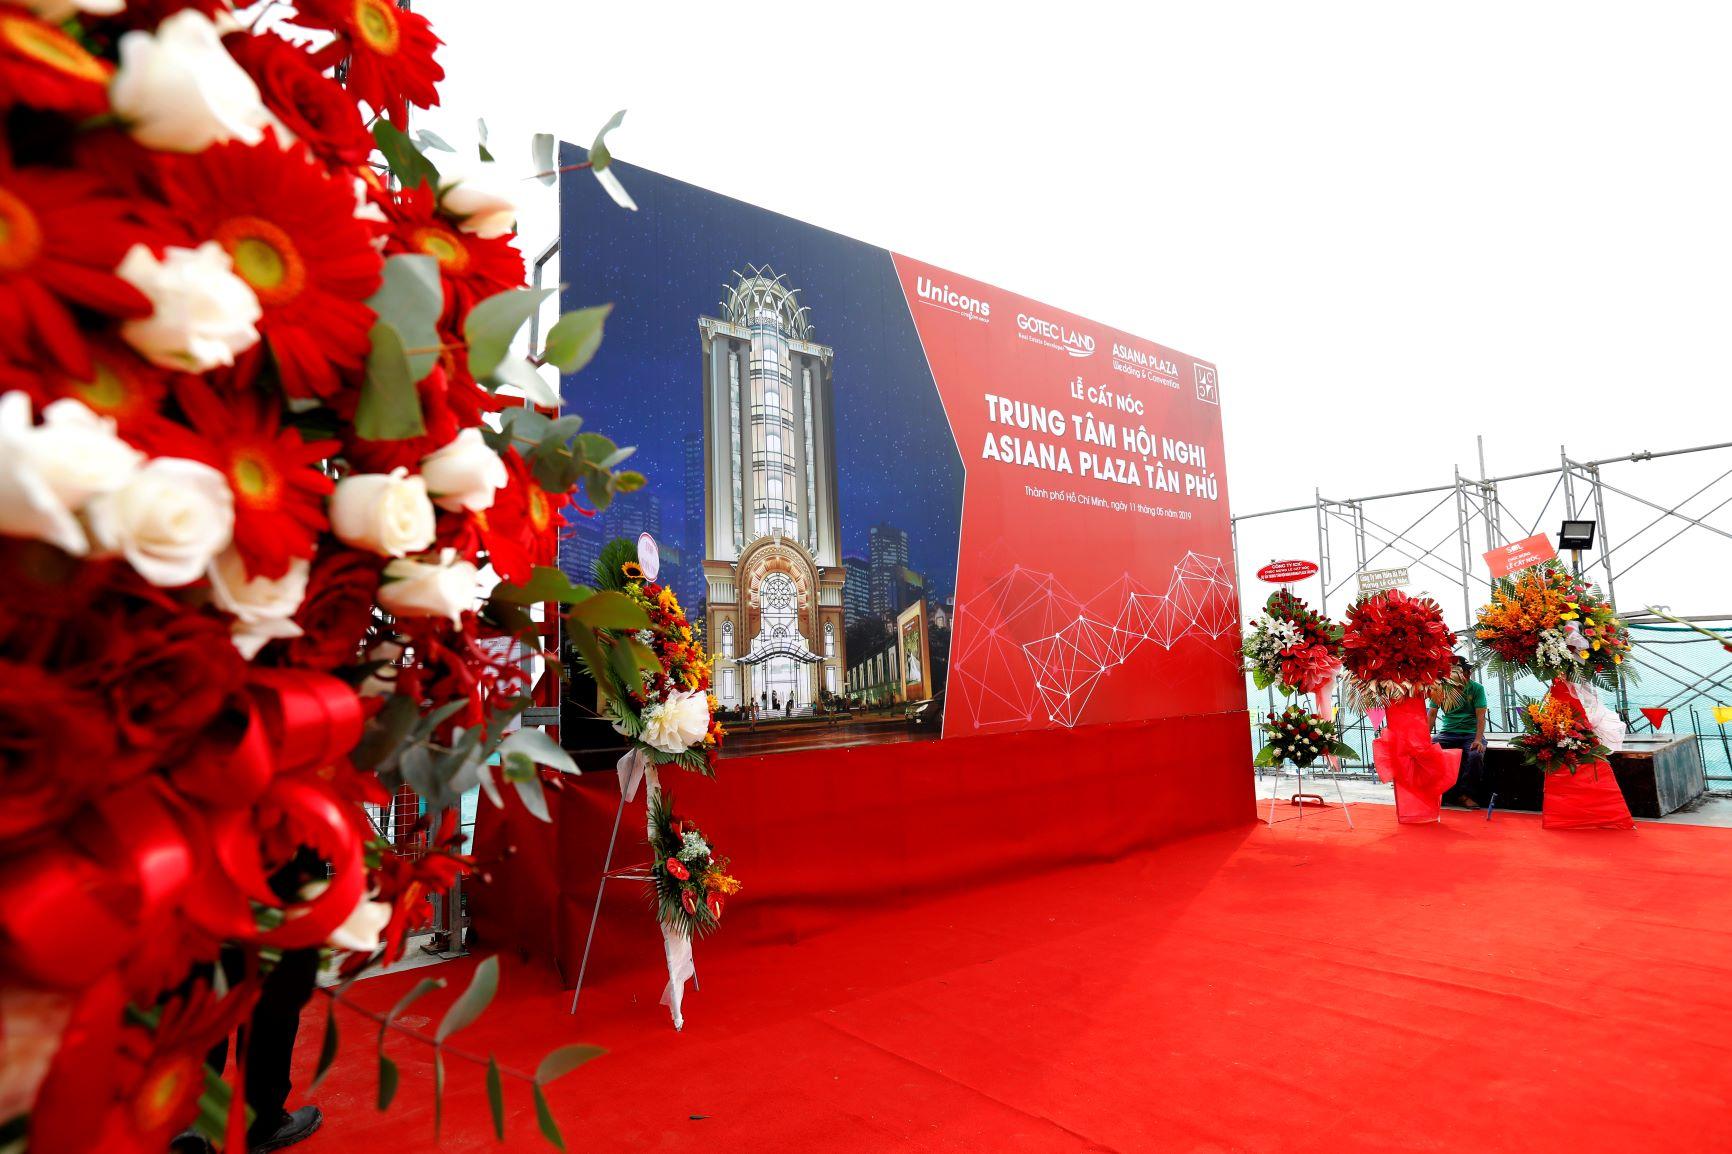 Lễ cất nóc dự án Trung tâm hội nghị Asiana Plaza Tân Phú diễn ra sáng ngày 11/05/2019